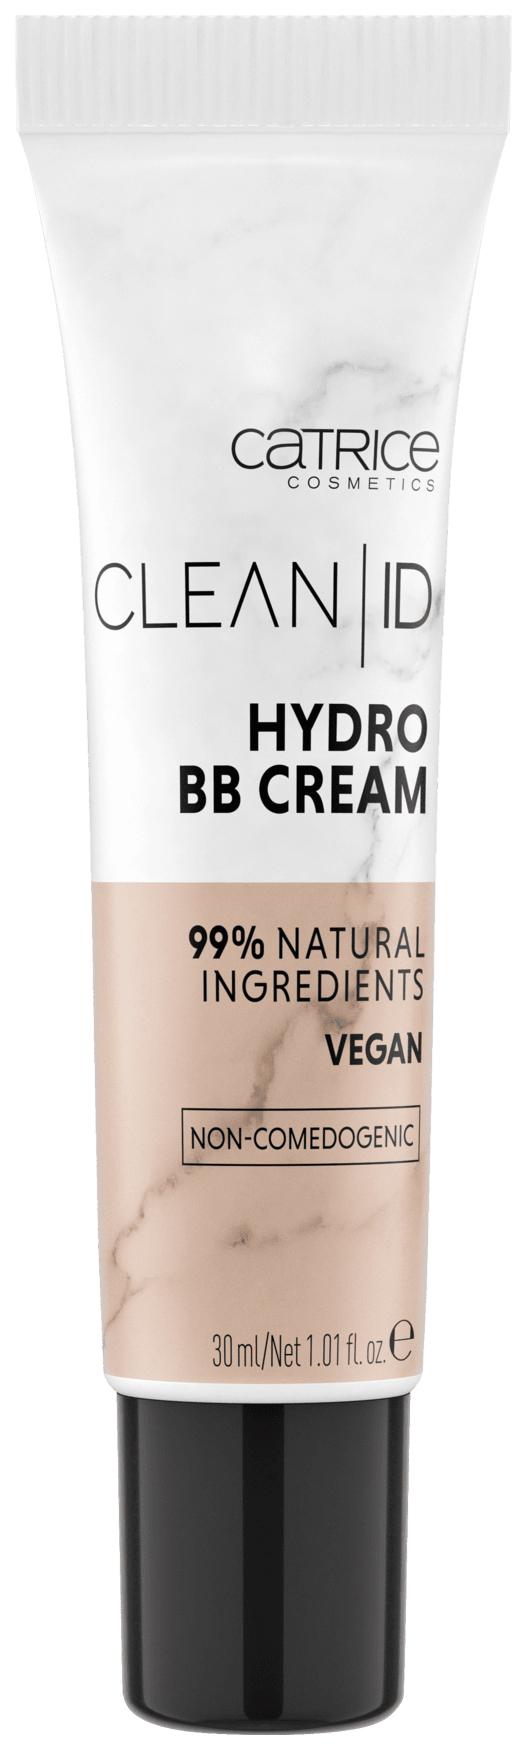 Основа тональная Catrice Clean ID Hydro BB Cream, 010 Light